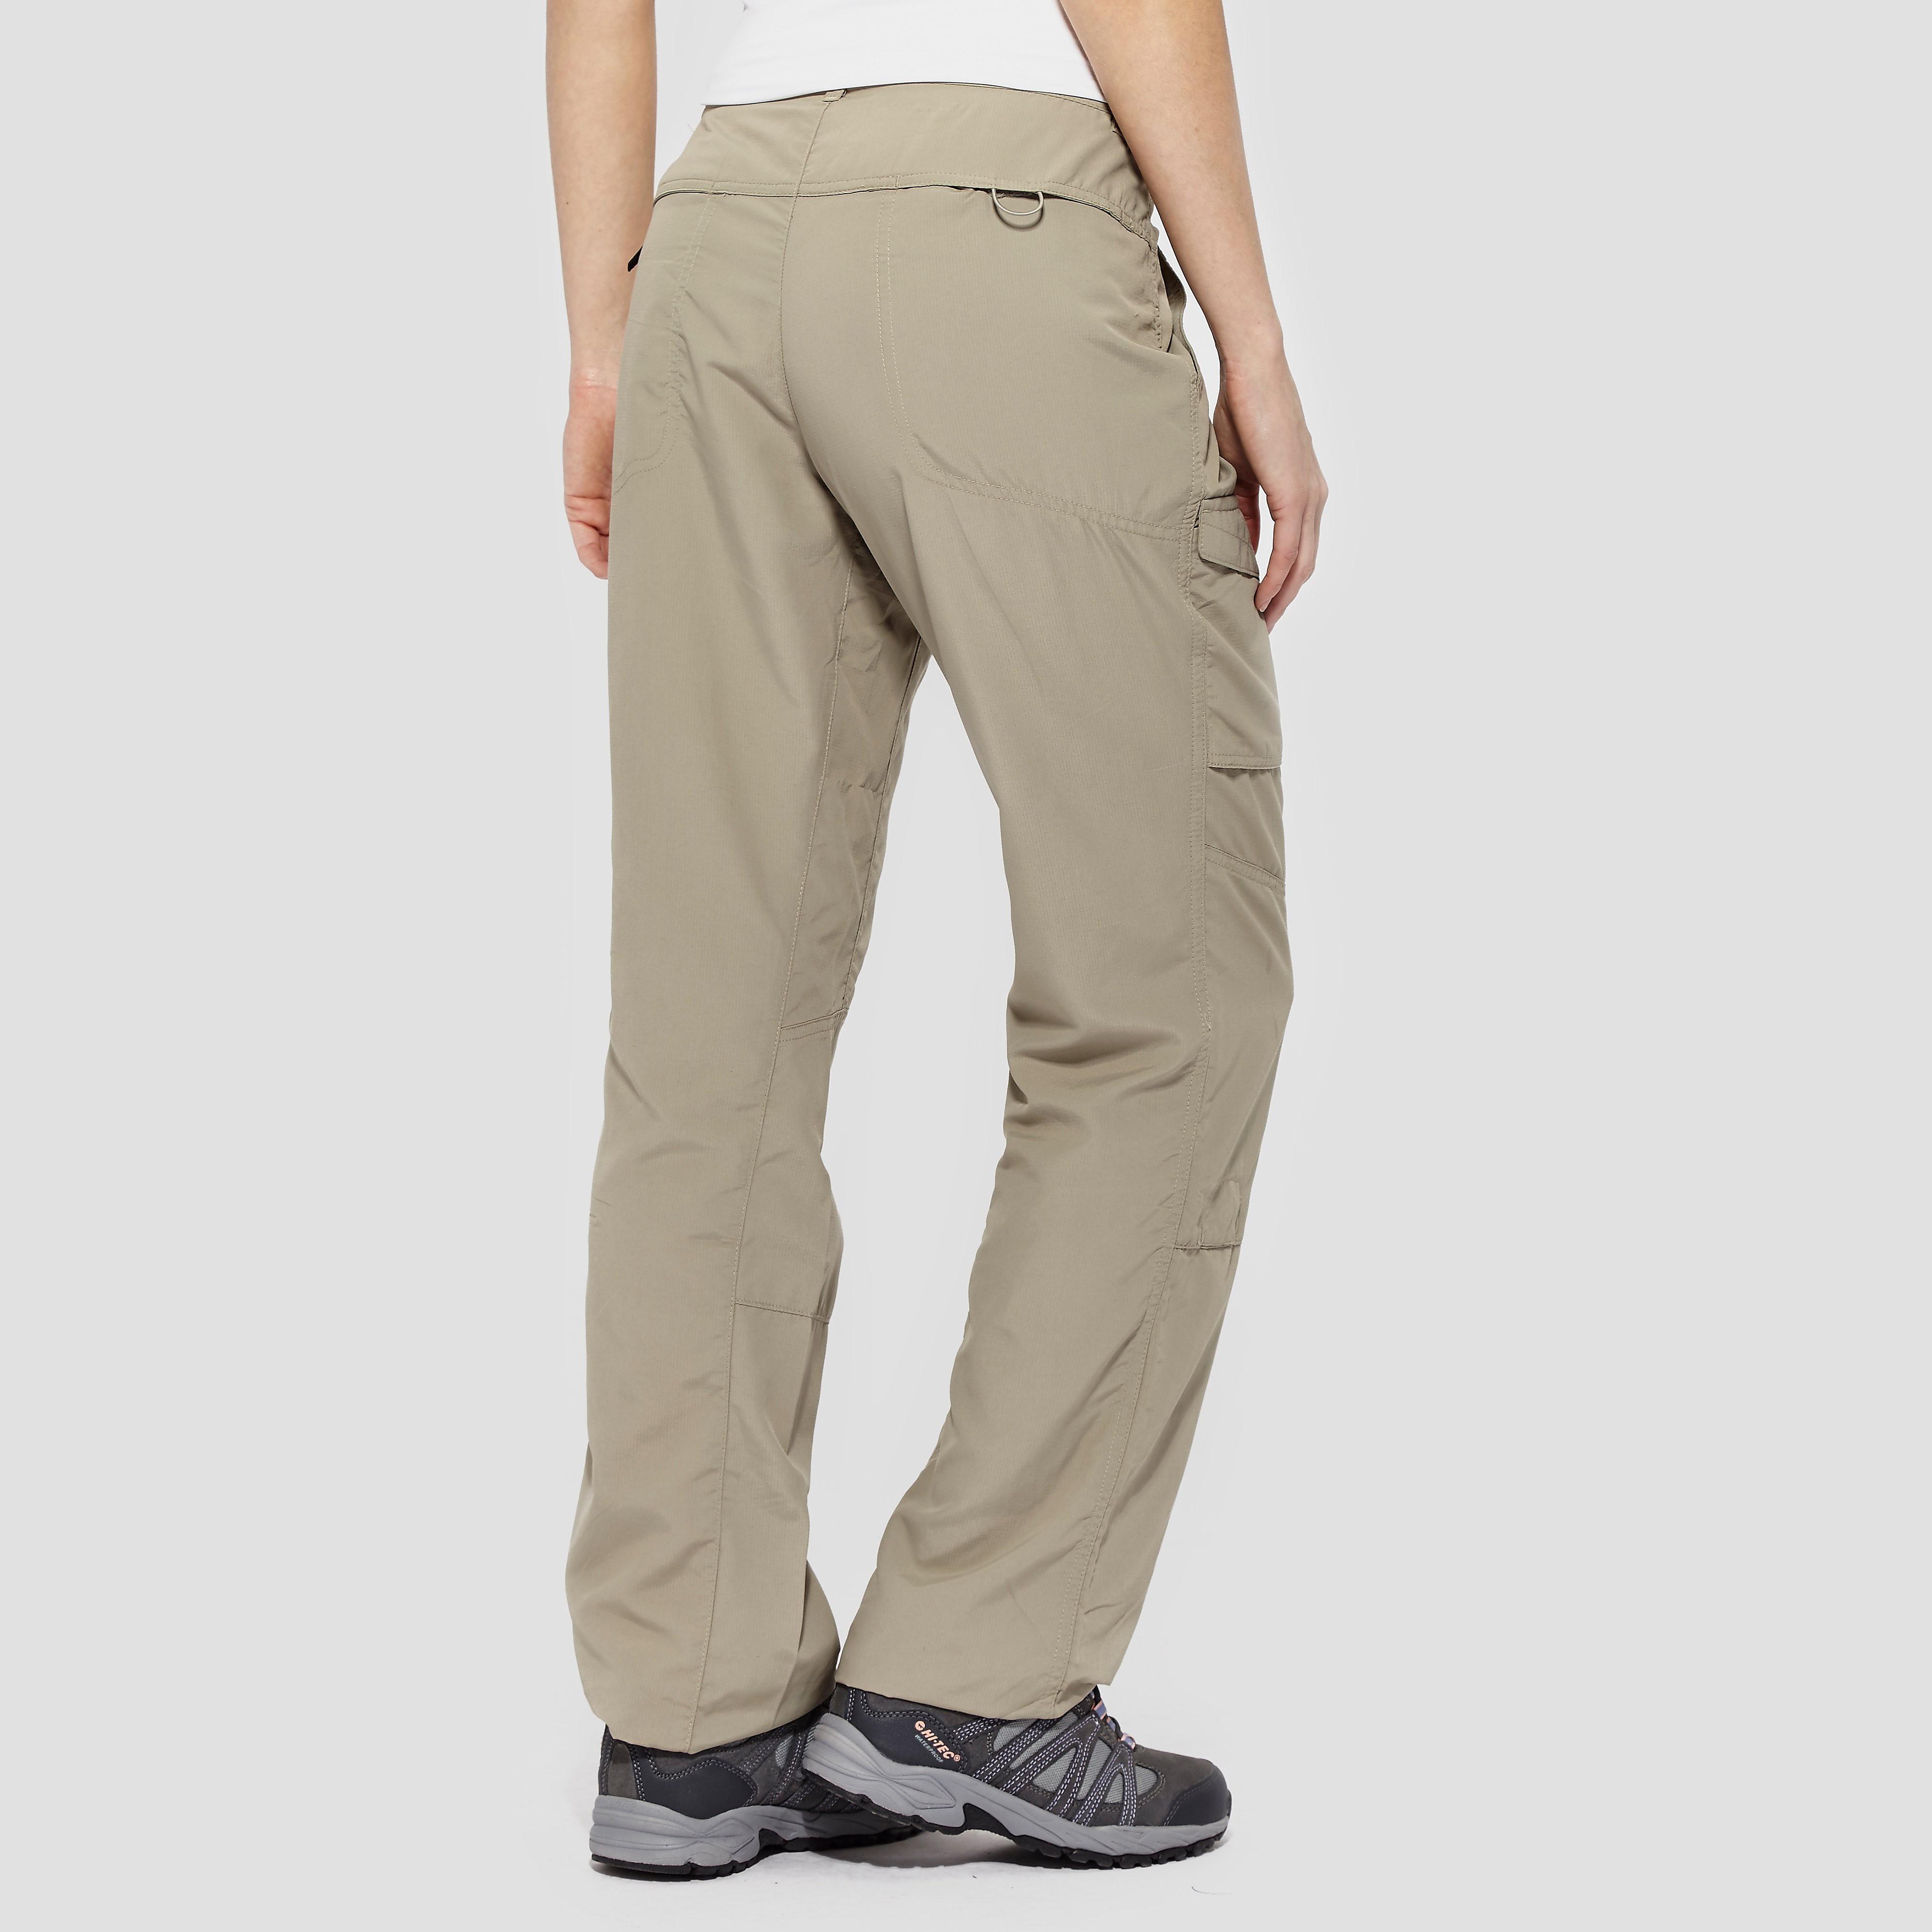 Columbia Women's Silver Ridge Pants